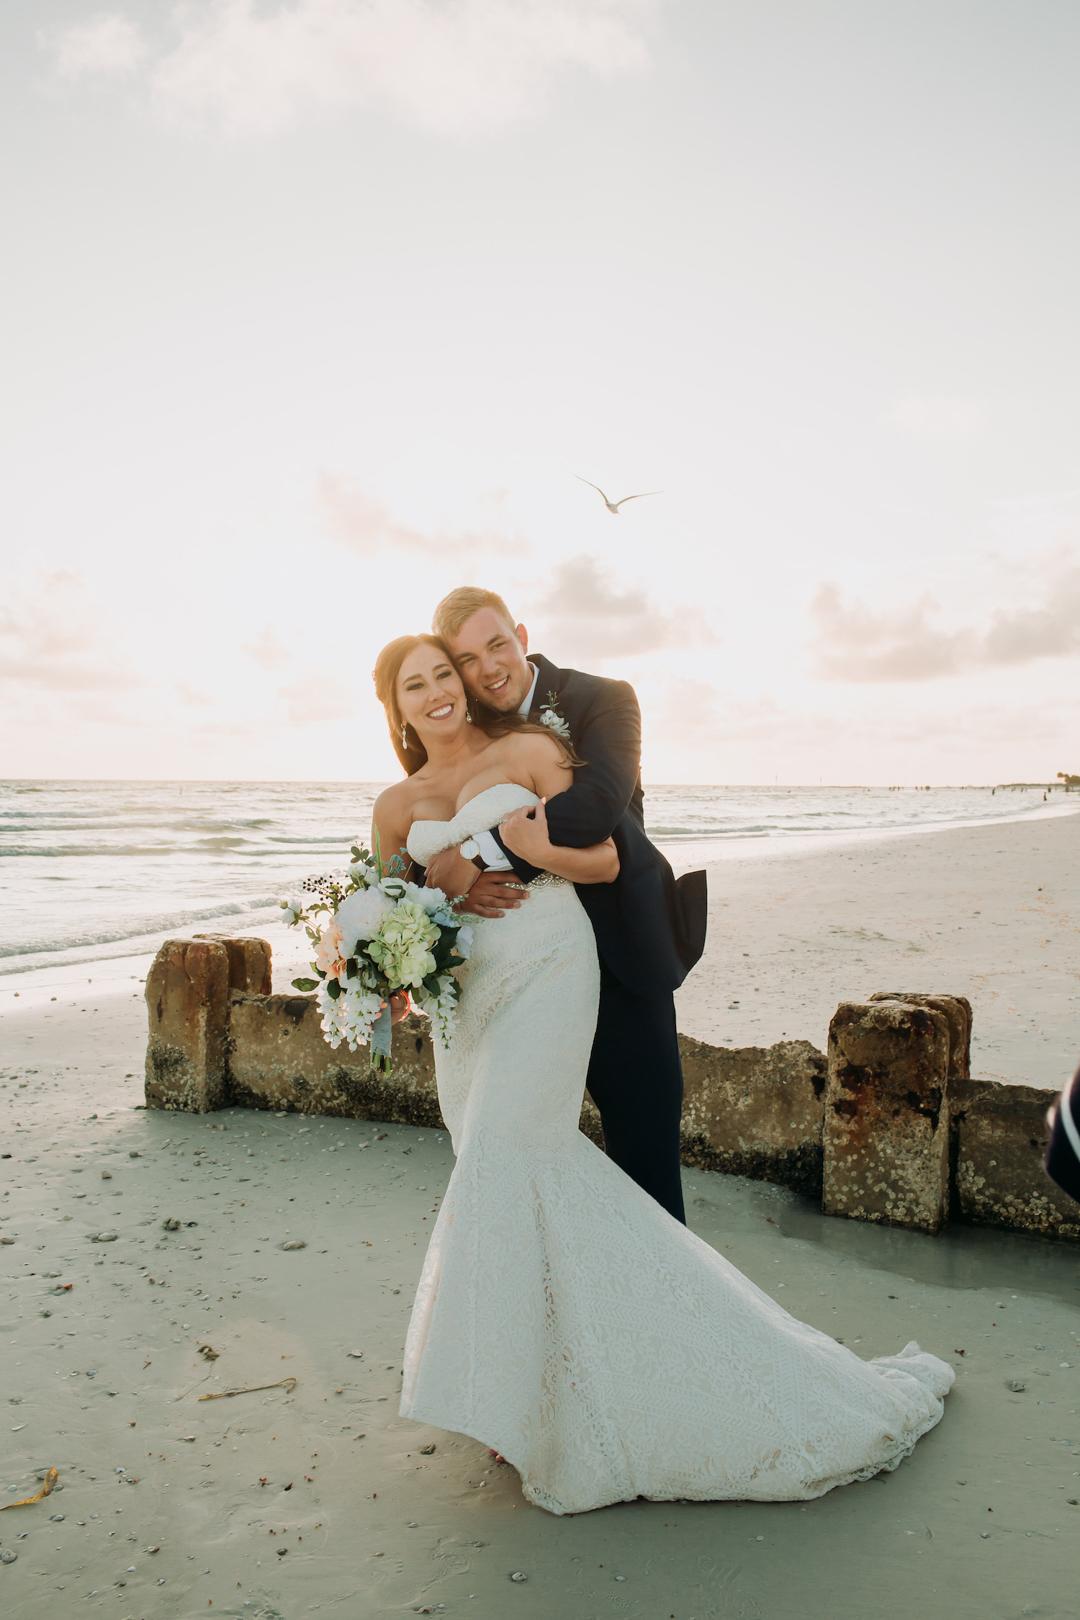 honeymoon-island-wedding-anastasia-noel-170.jpg